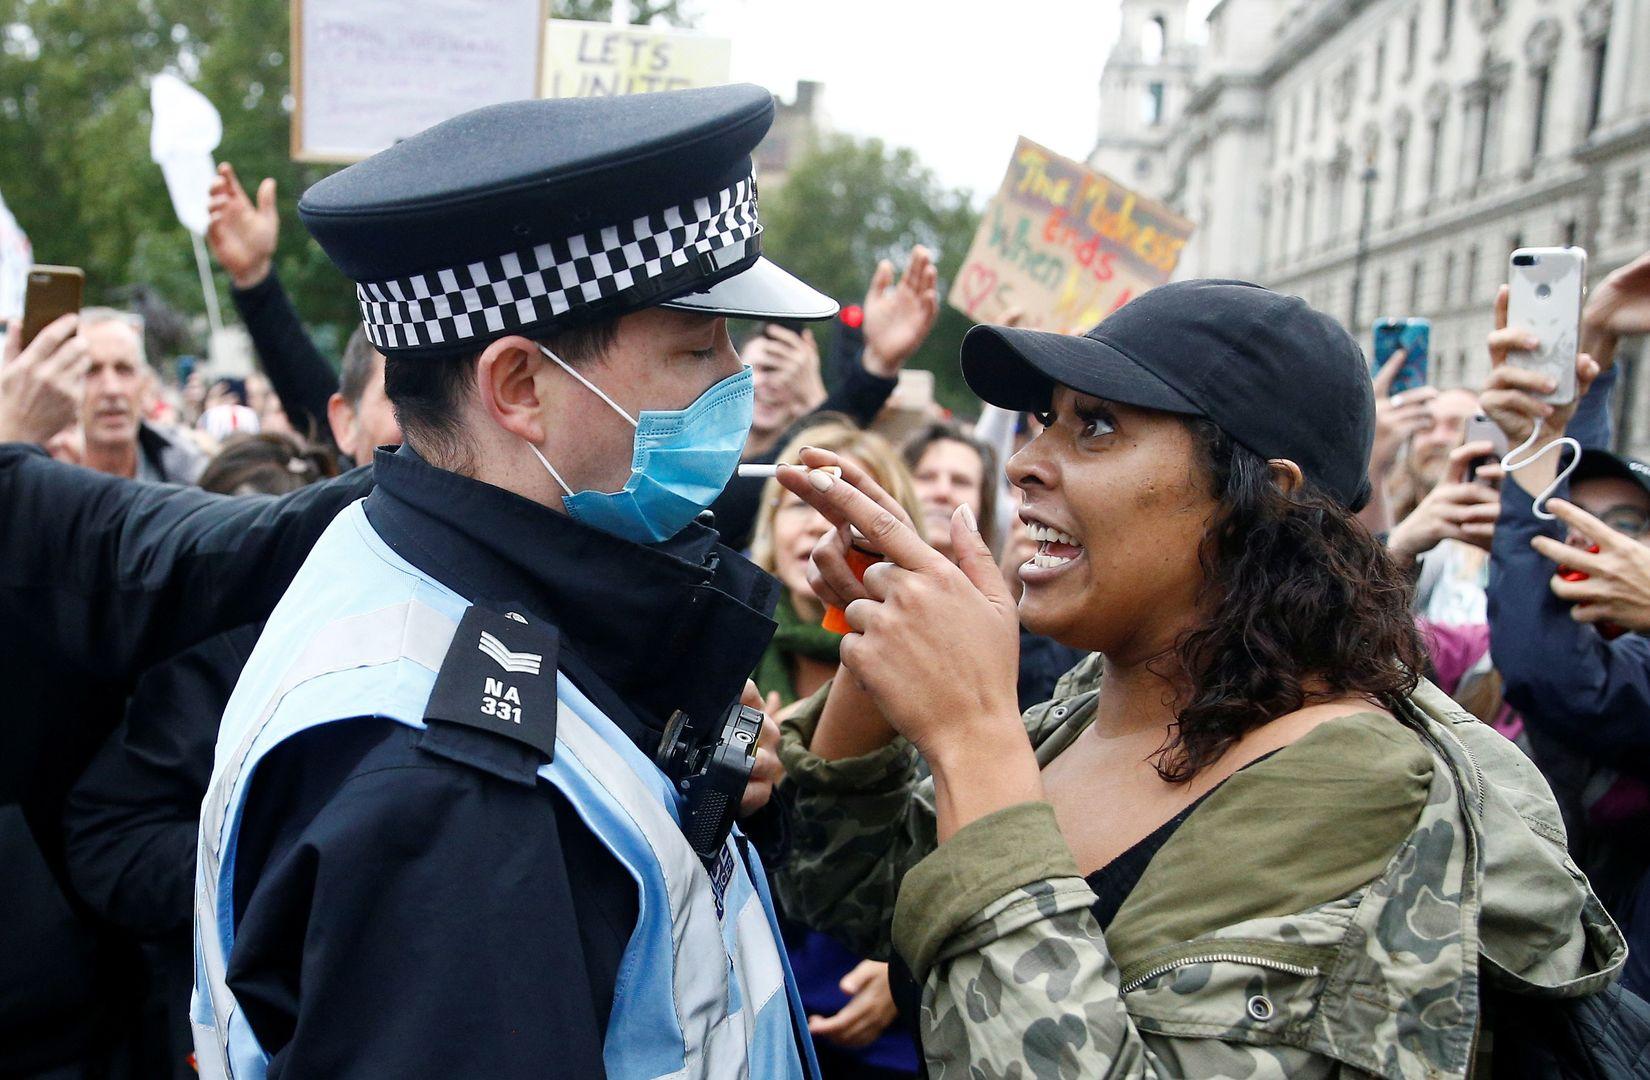 Nicht nur Berlin: Bilder von Demonstrationen in London, Paris und Zürich